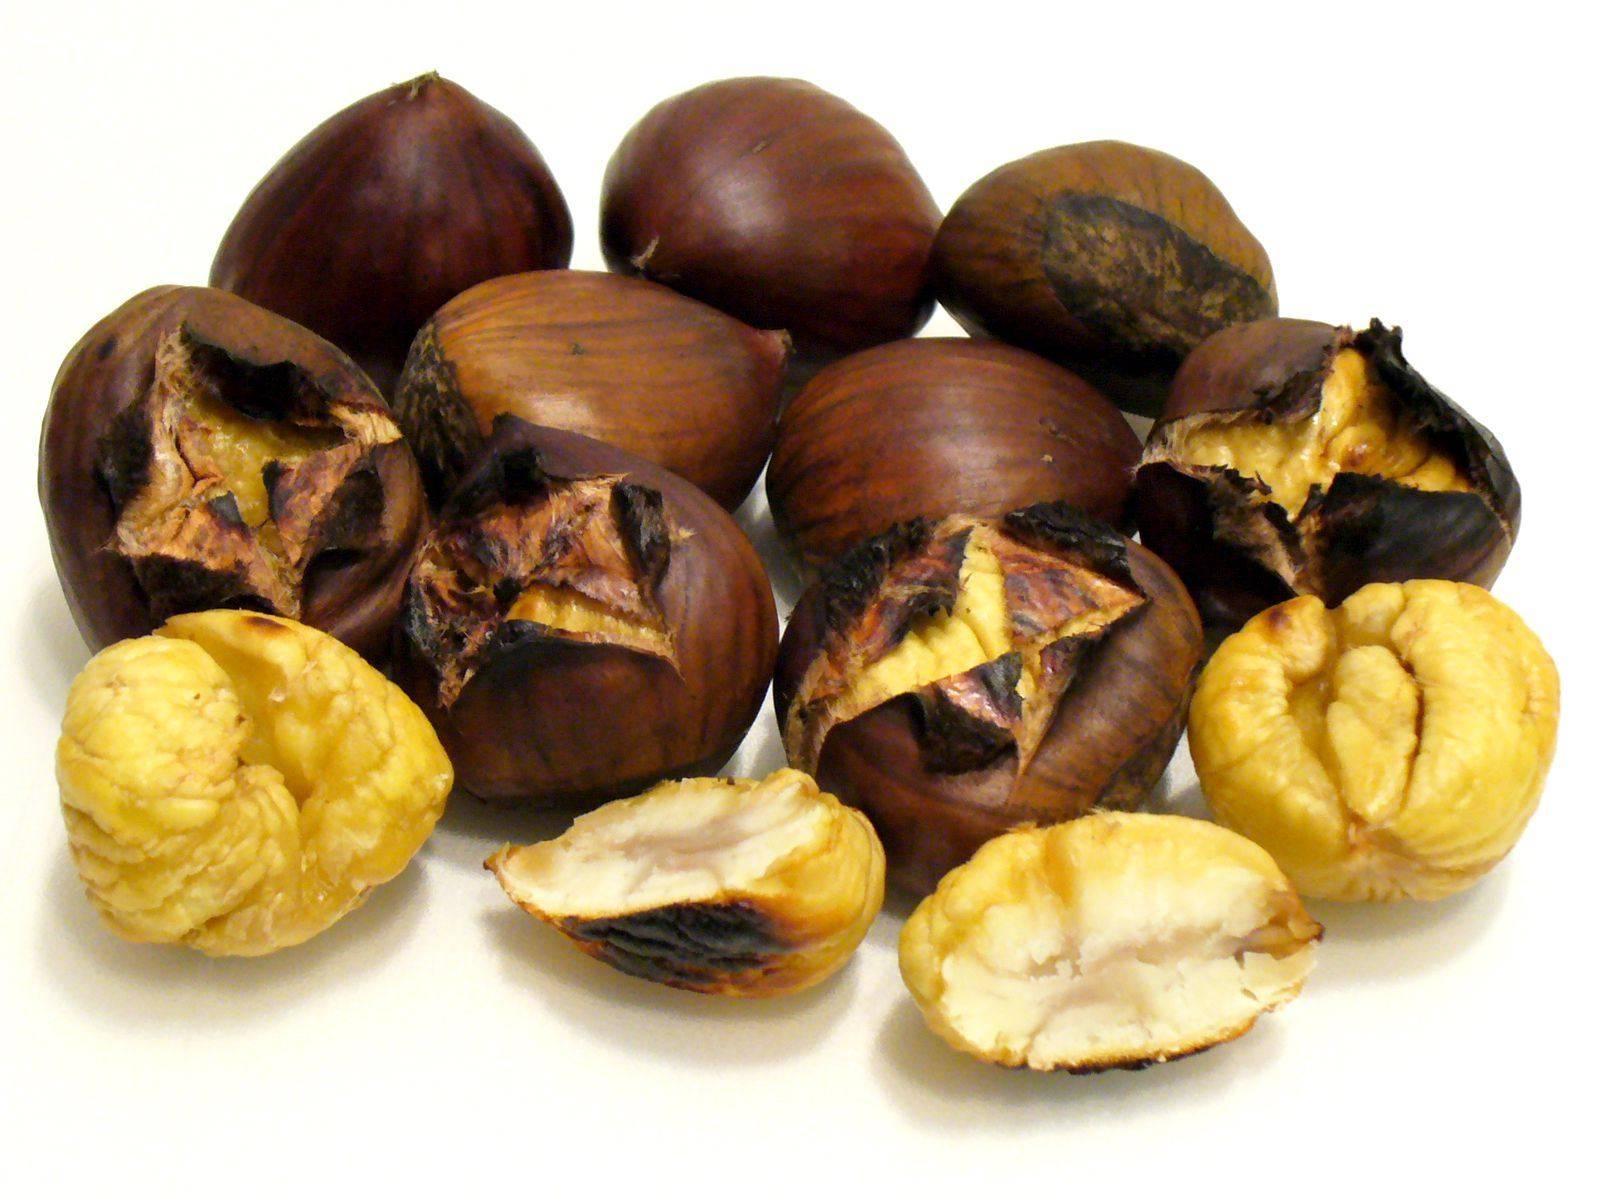 Орех каштана: лечебные свойства, применение и употребление в пищу